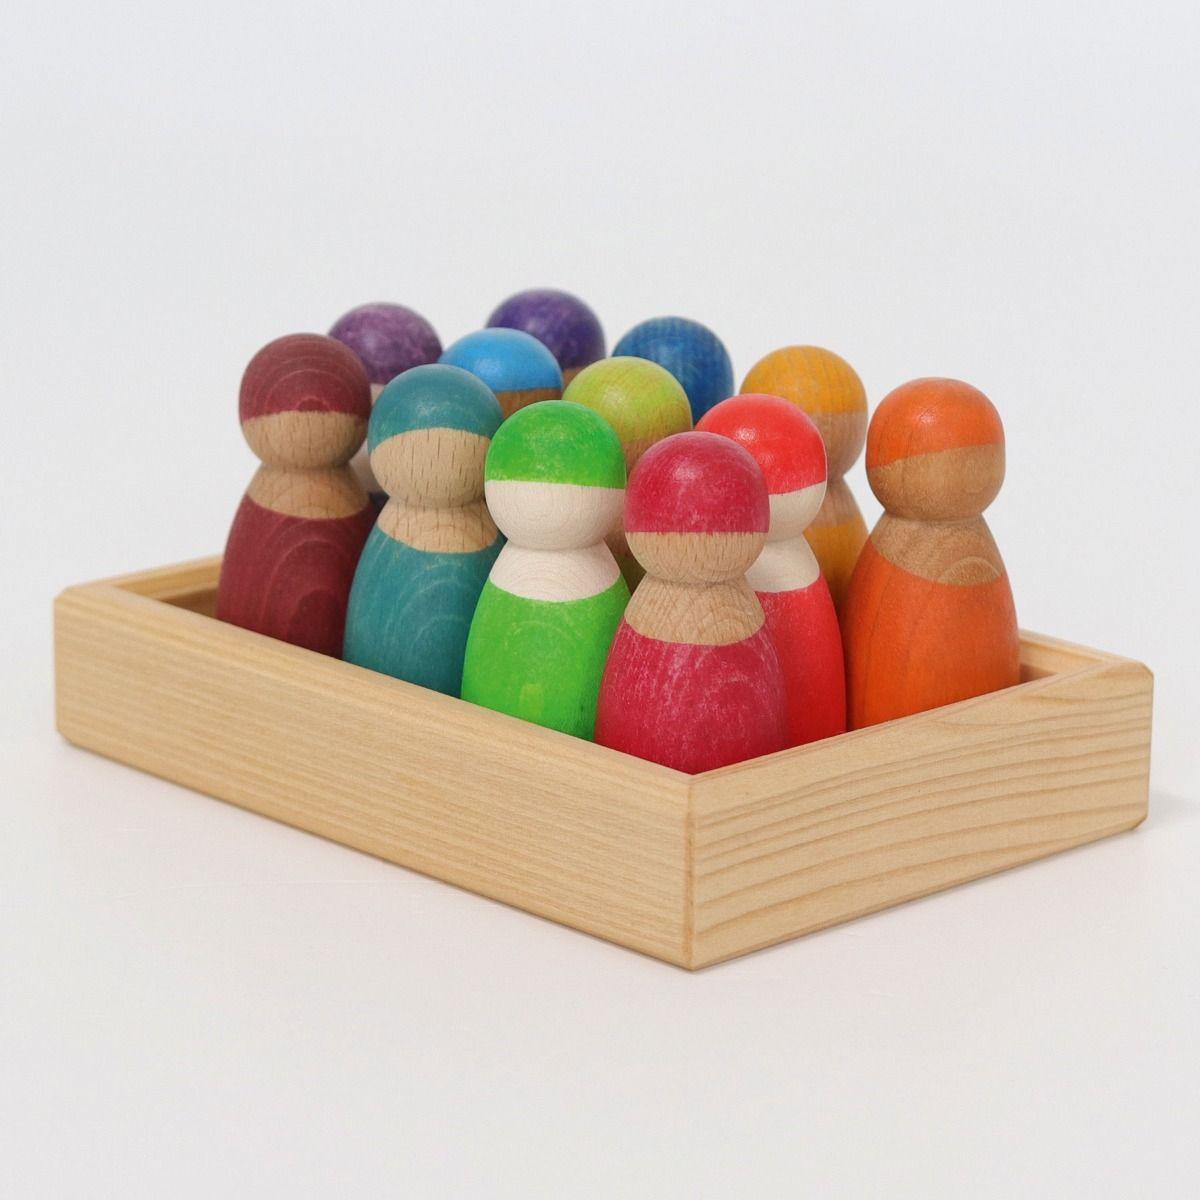 Grimms 12 houten Regenboogvriendjes in een bakje houten speelgoed